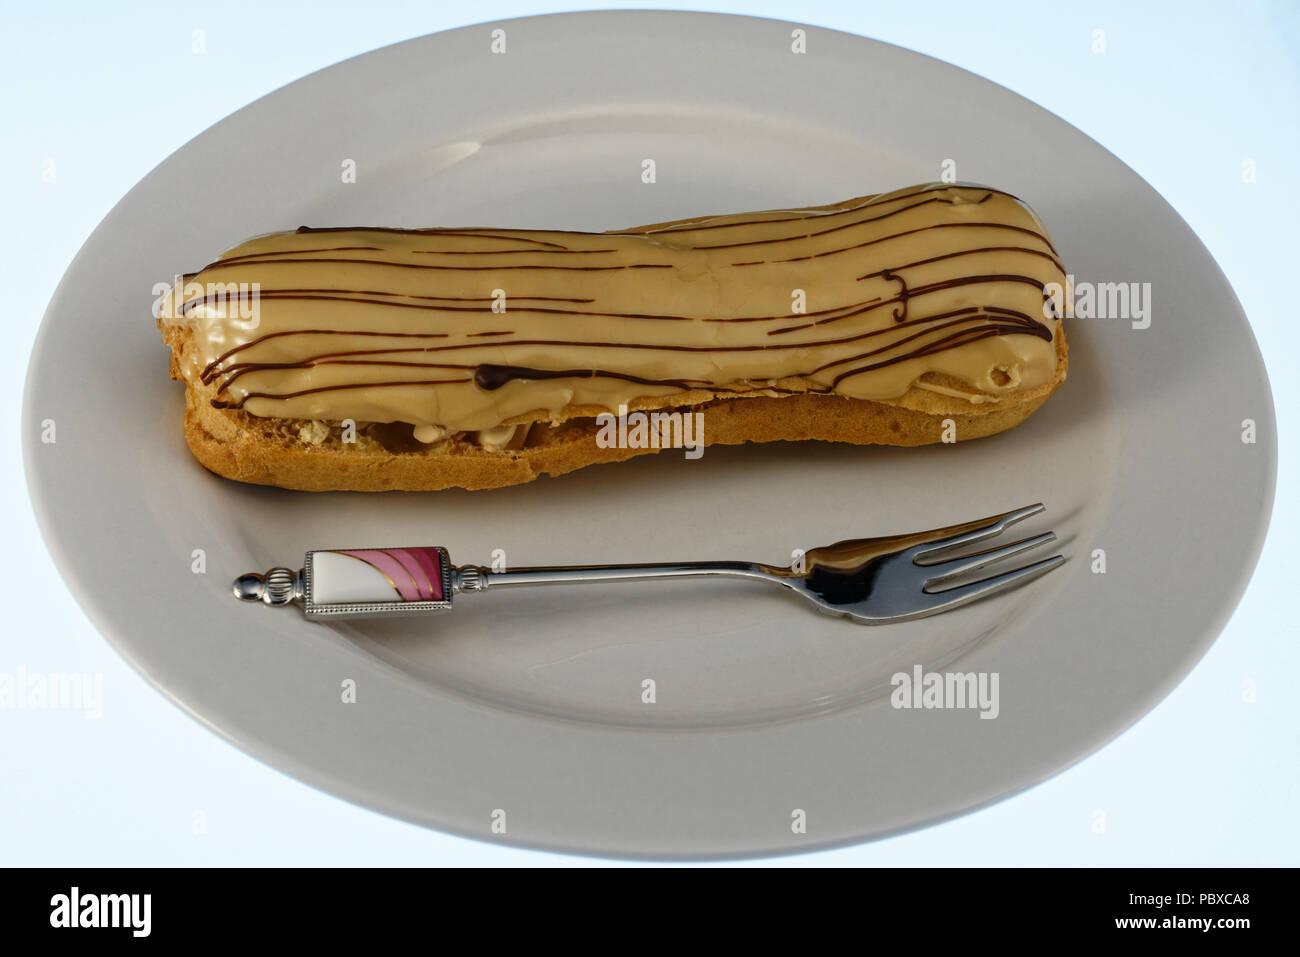 Formale dessert Einstellung Stockbild